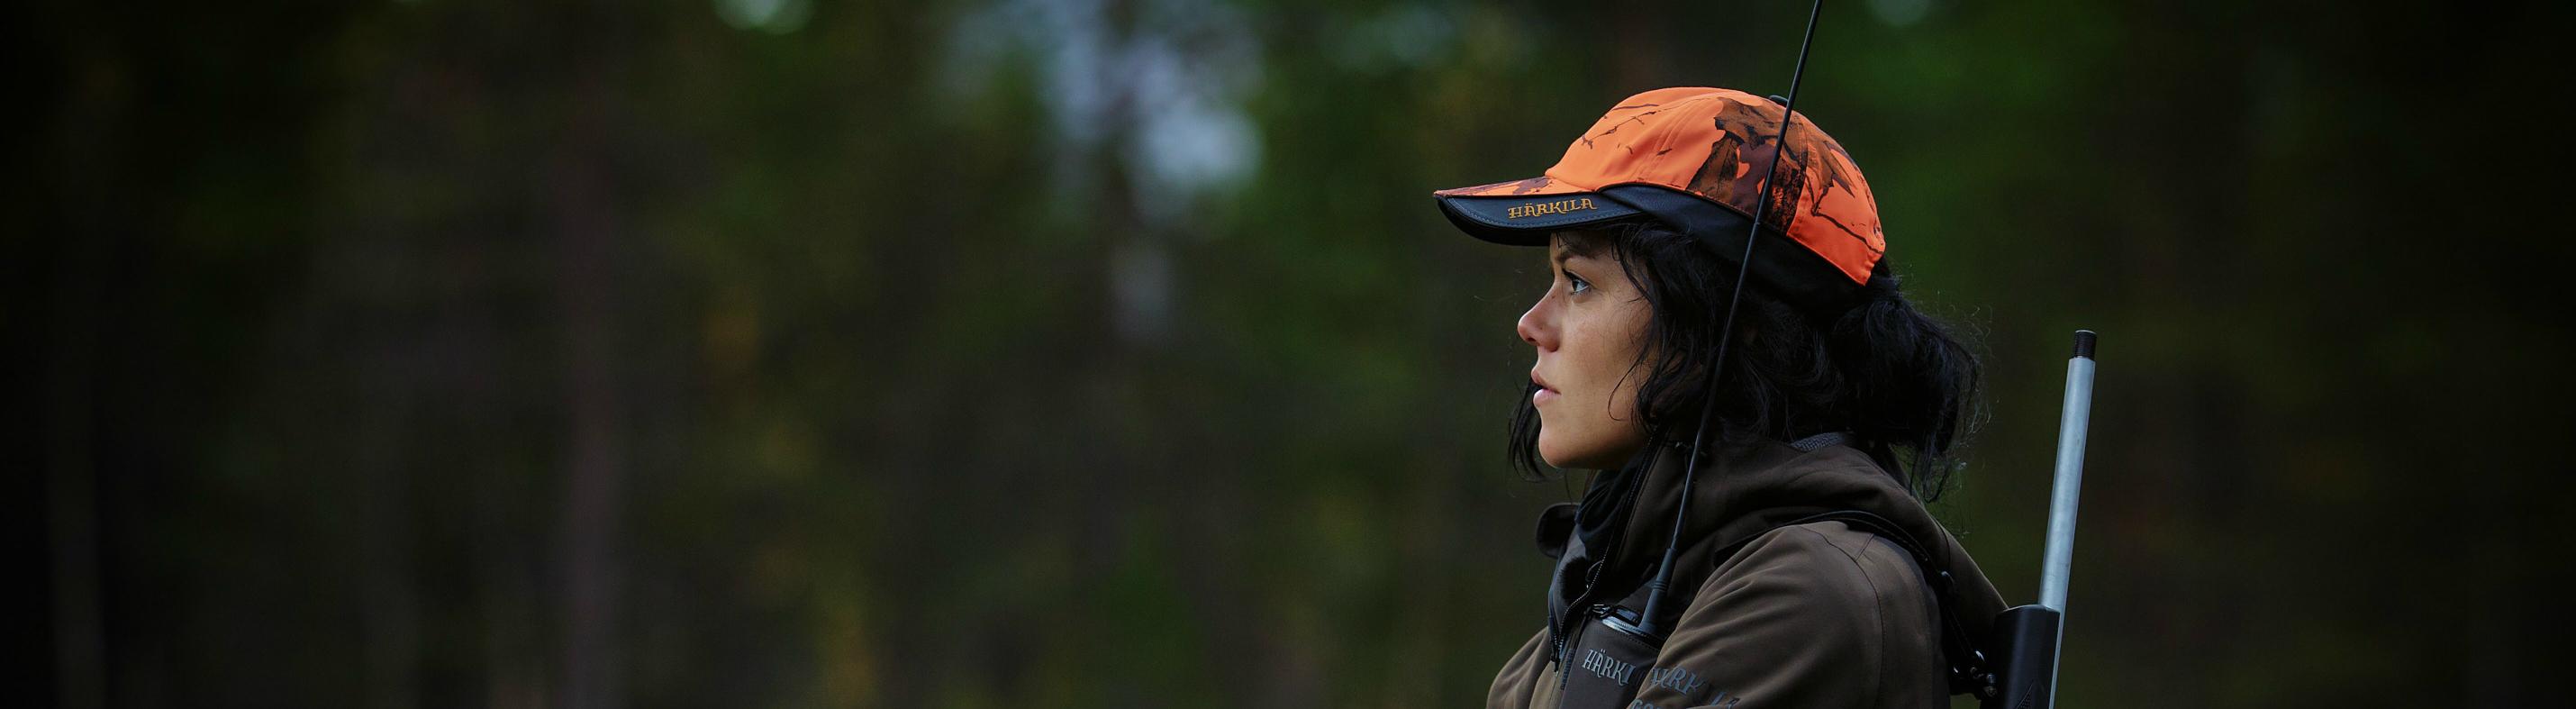 Jägerin mit Gewehr im Wald